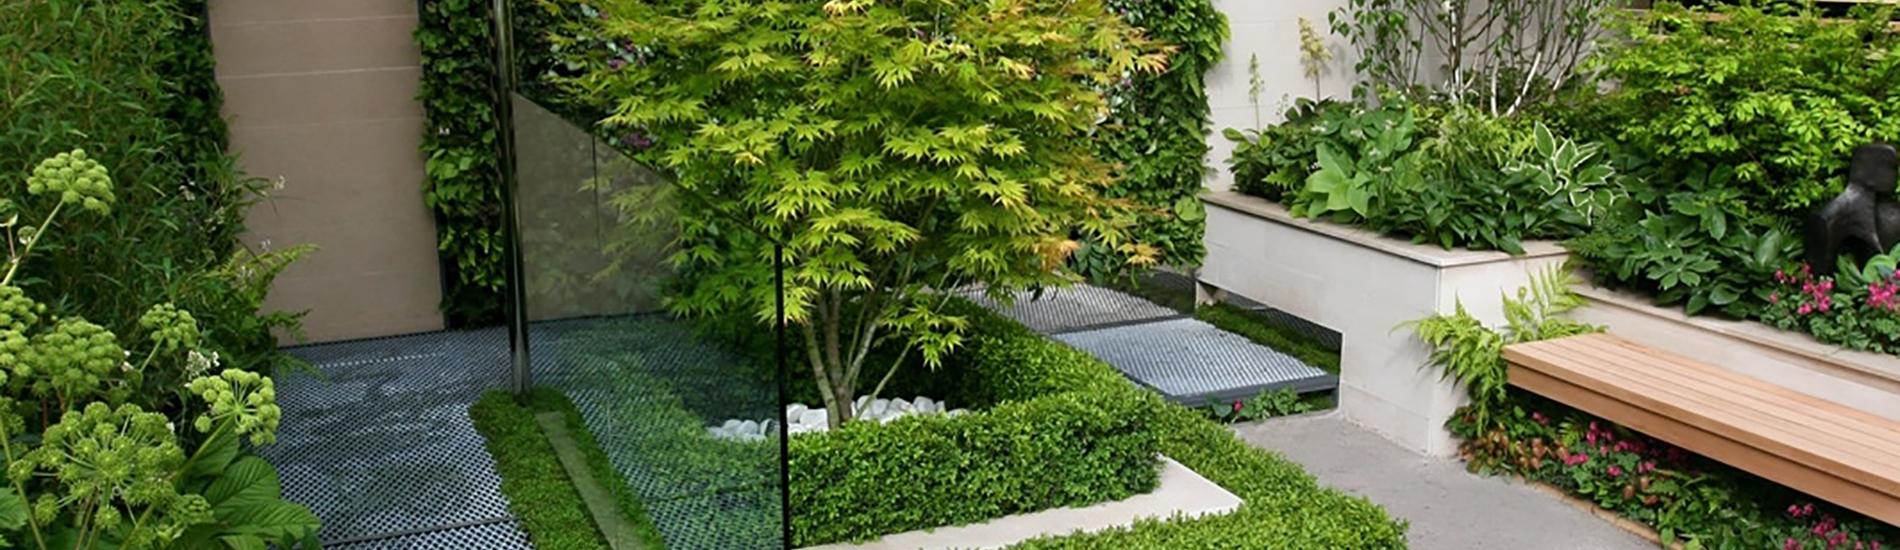 Dise o y decoraci n de jardines jardines de costa rica for Diseno y decoracion de jardines